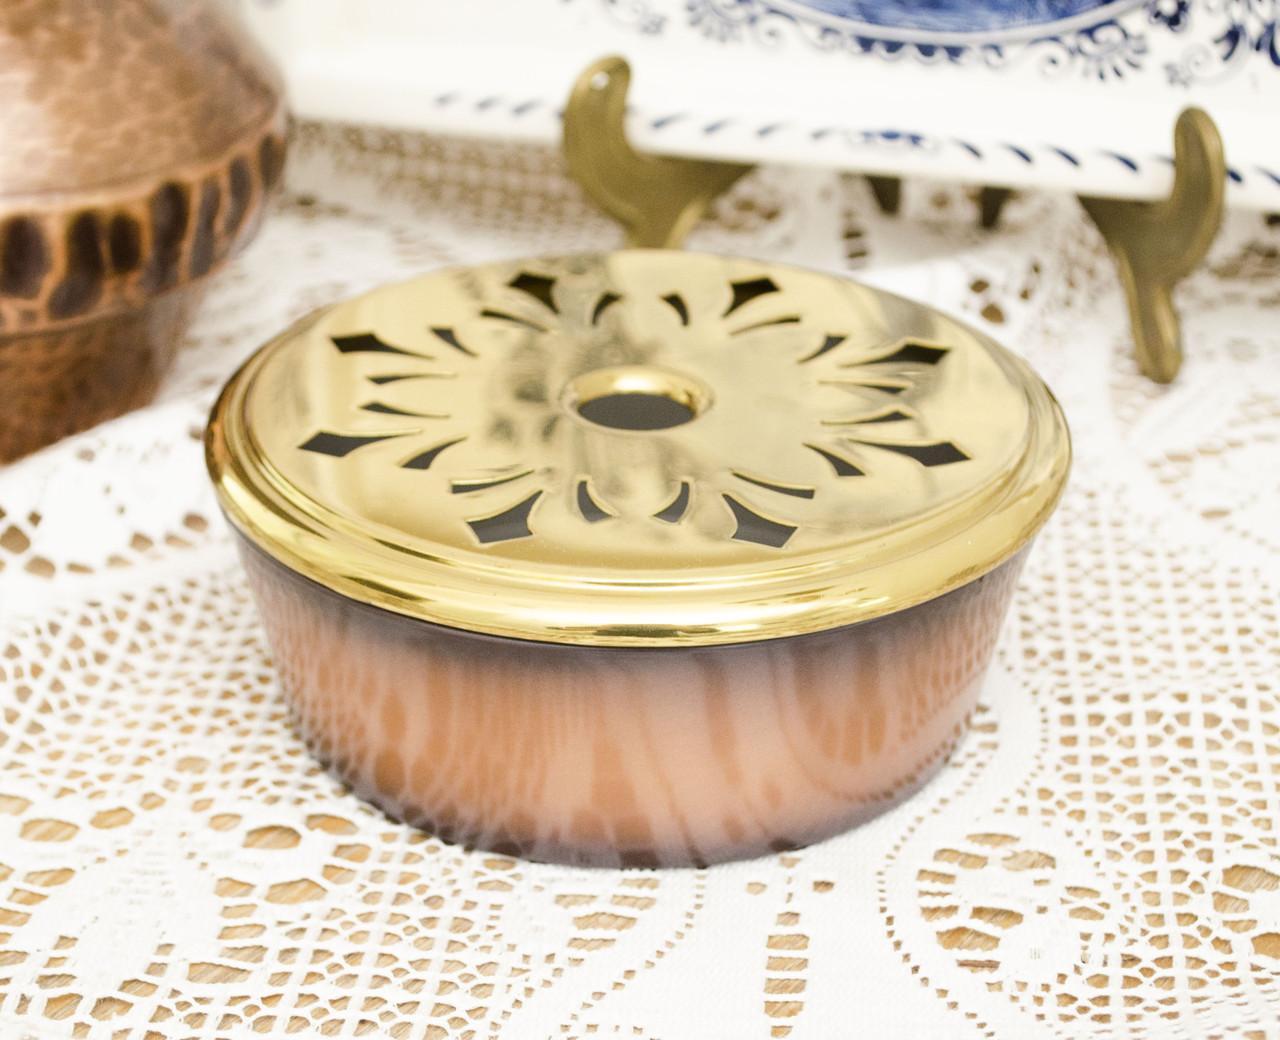 Подставка под чайник, для чайной свечи, для подогрева, покрытие под медь, латунь, Германия